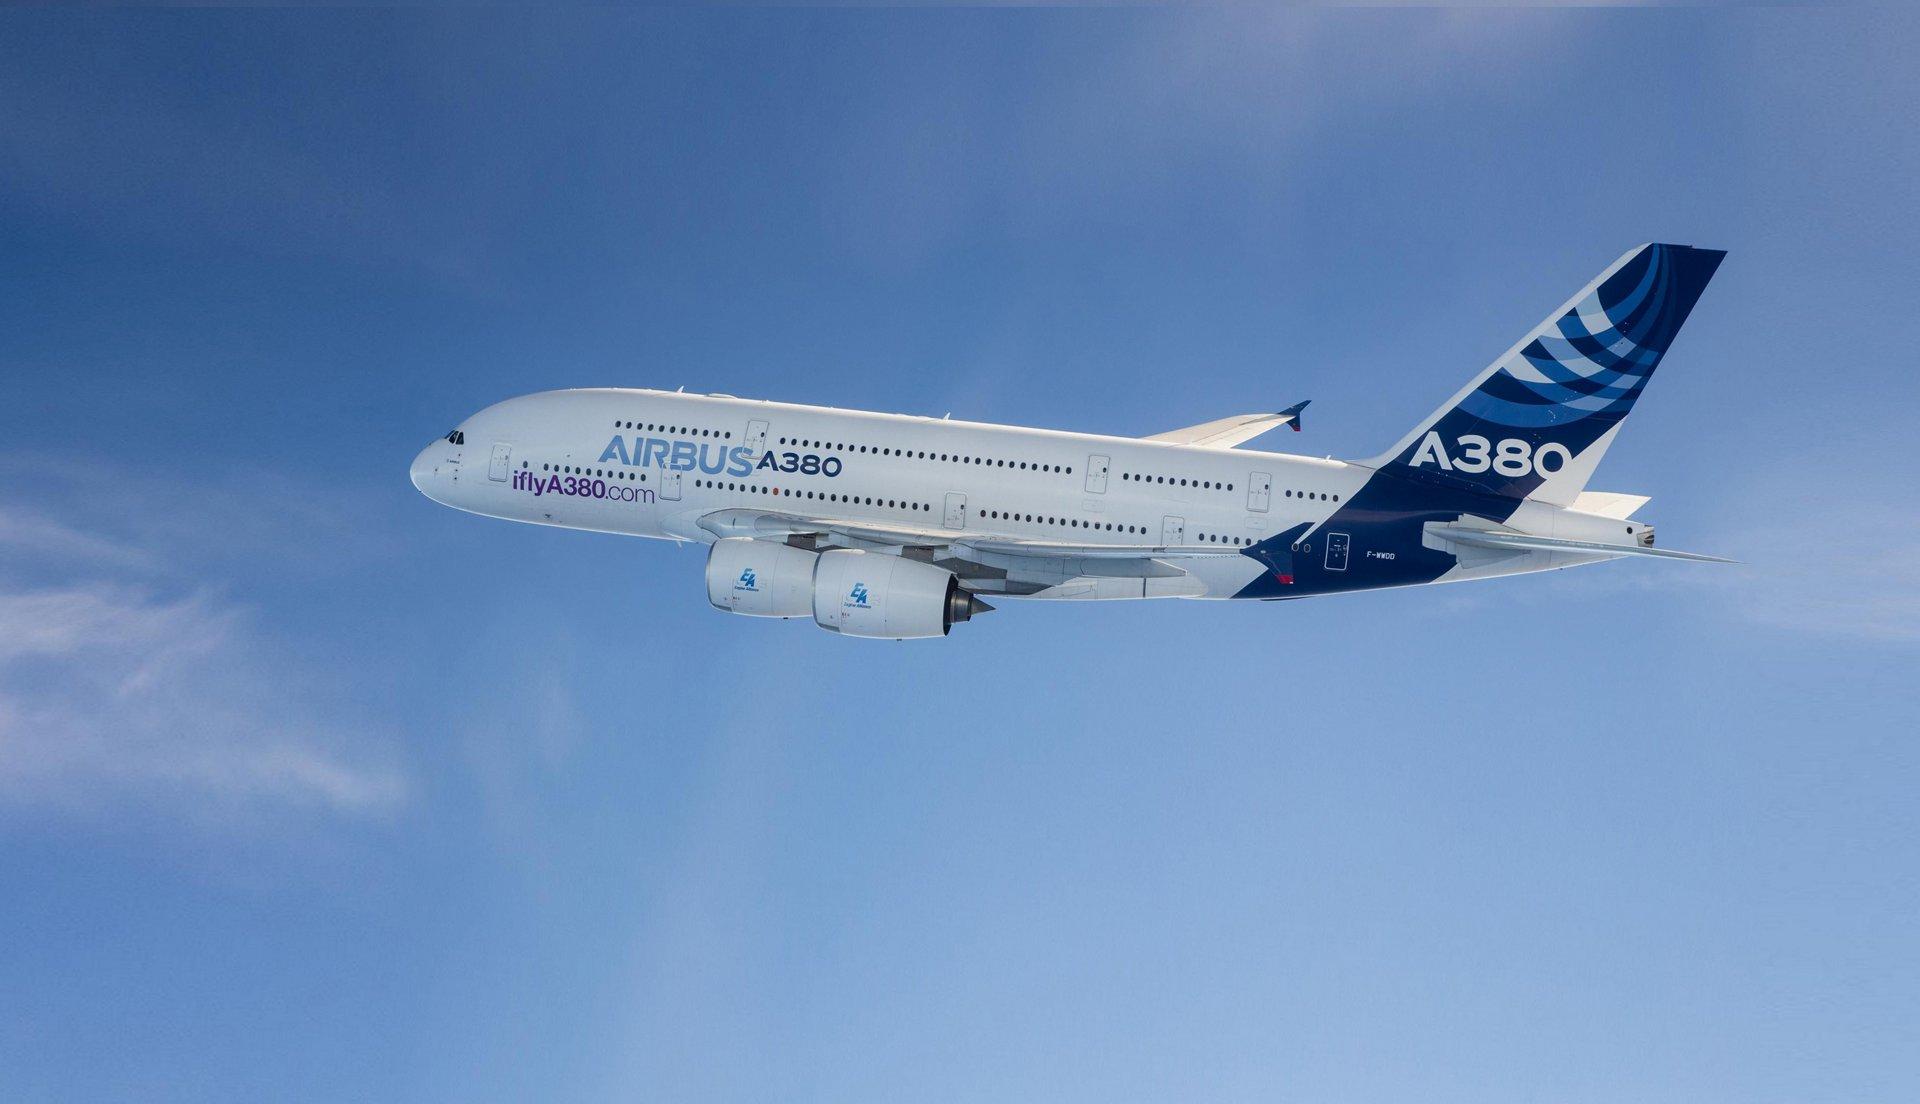 Даже если заменить всех пассажиров и груз на батареи, дальность полета Airbus A380 все равно былабы меньше 2000км по сравнению с обычными 15000км на топливе